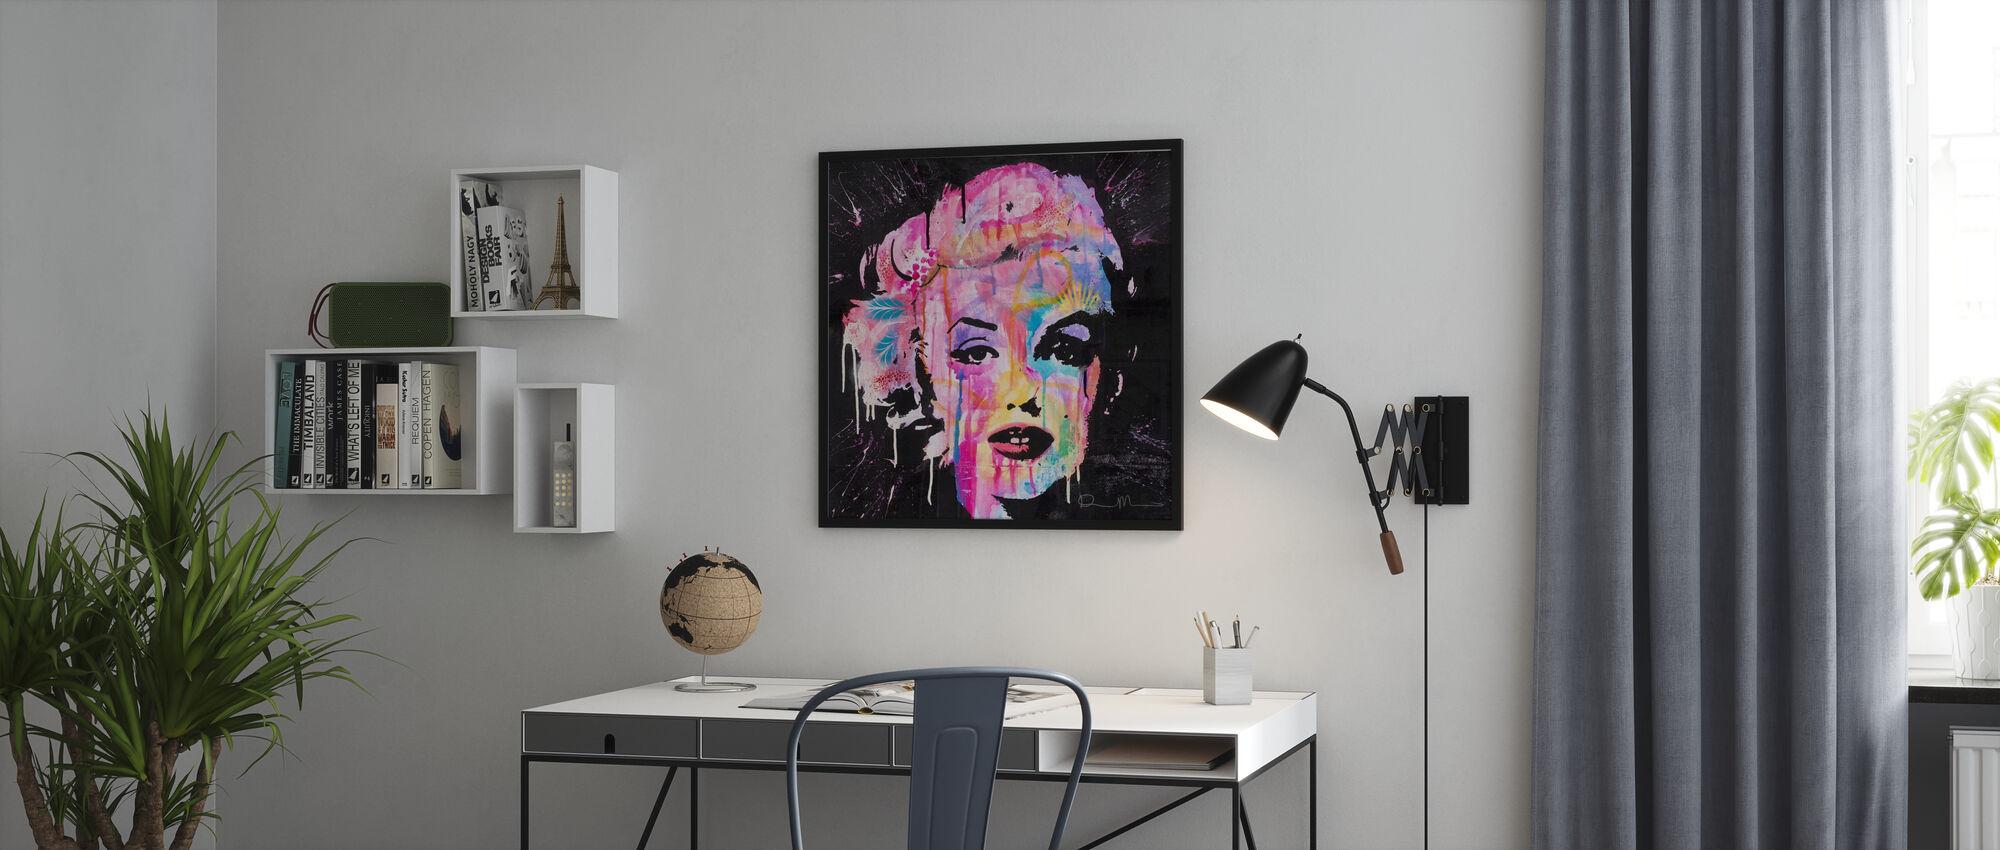 Marilyn - Kehystetty kuva - Toimisto